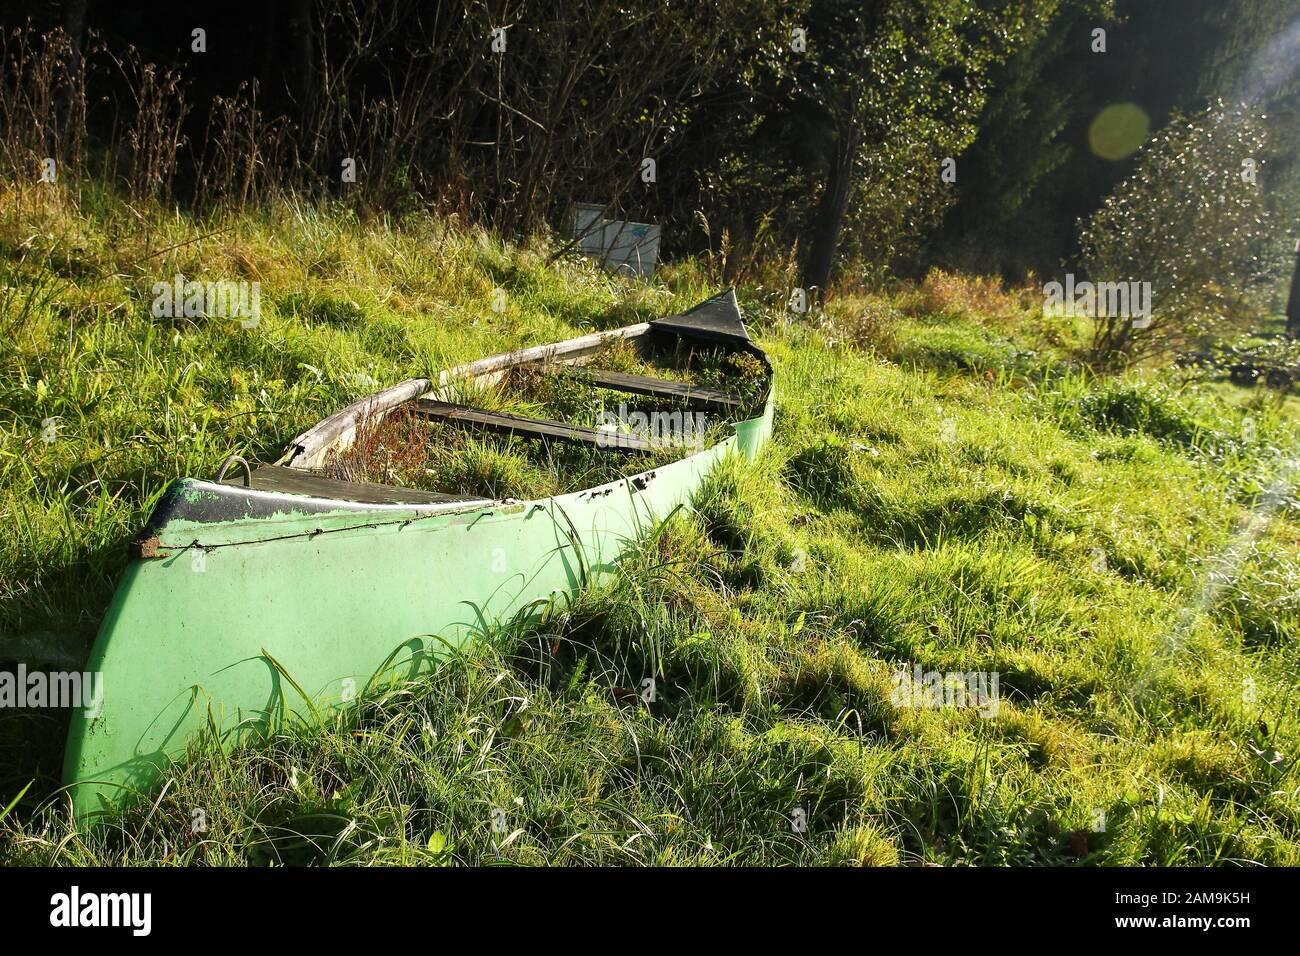 Das alte Kanu liegt auf der Wiese in Flussnähe und ist verlassen, von Gras überwuchert und nutzlos. Stockfoto